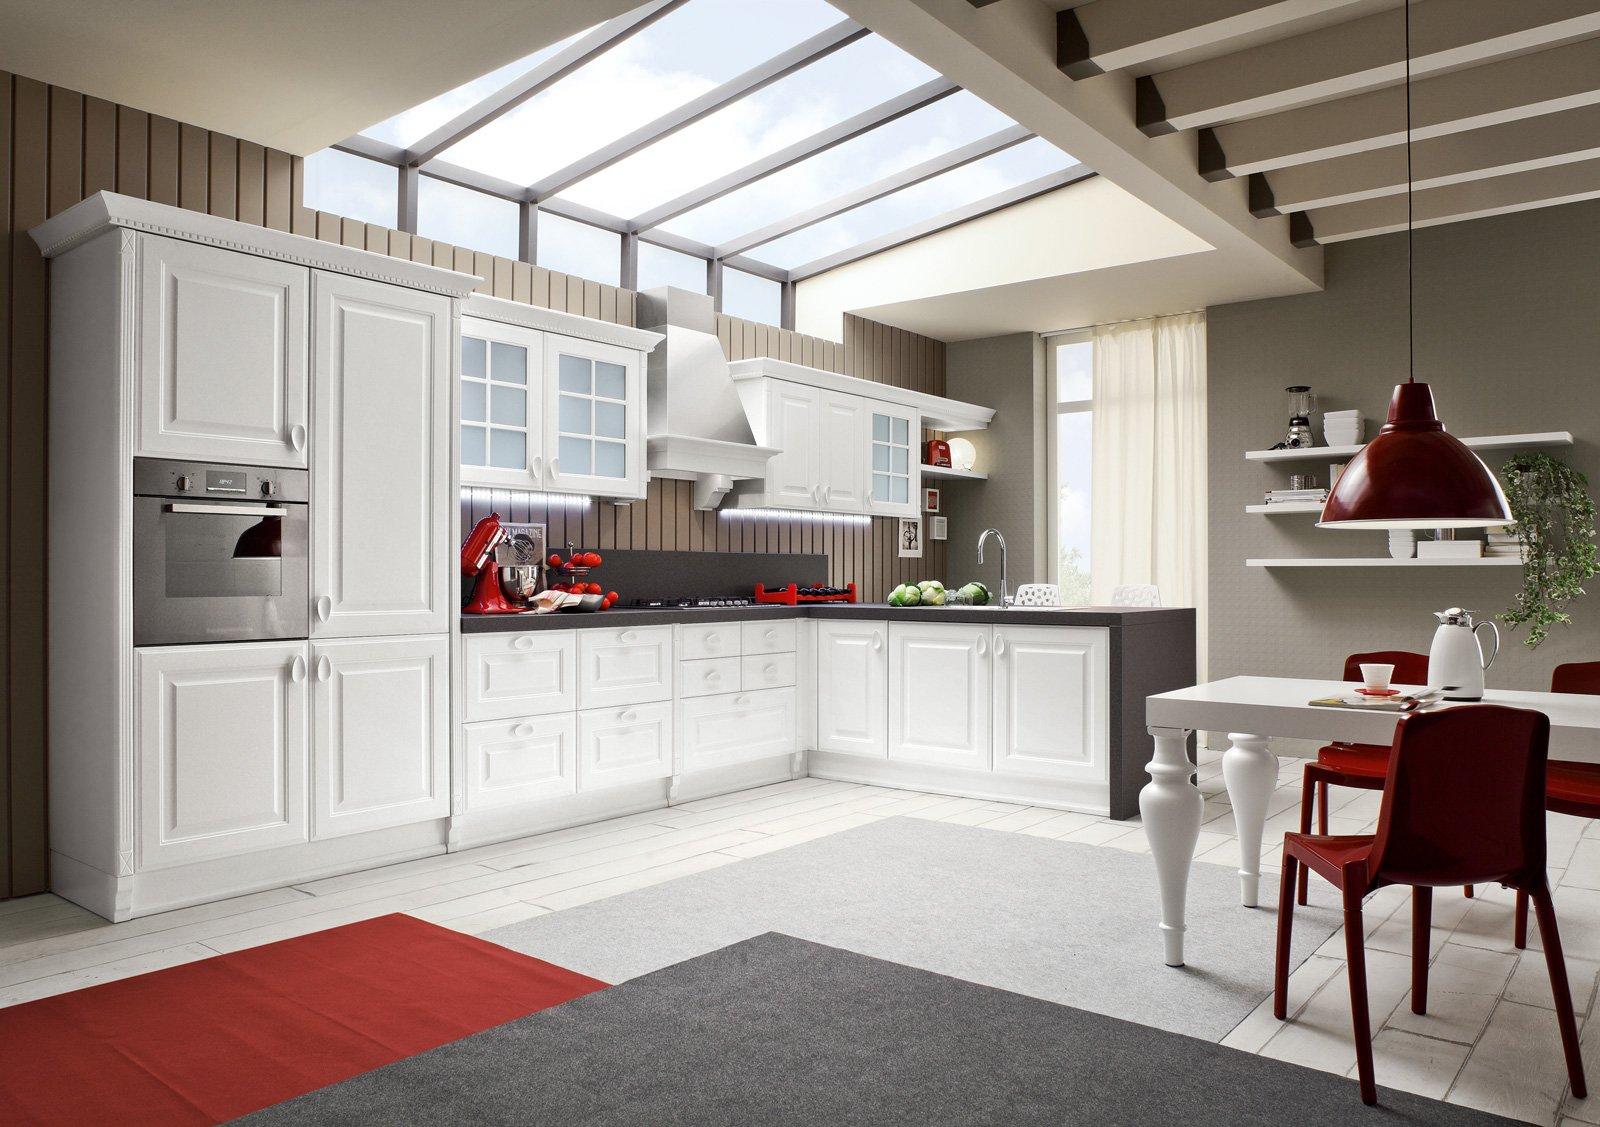 Cucine Bianche Moderne. Cucine Bianche Moderne Top Cucina Bianca ...